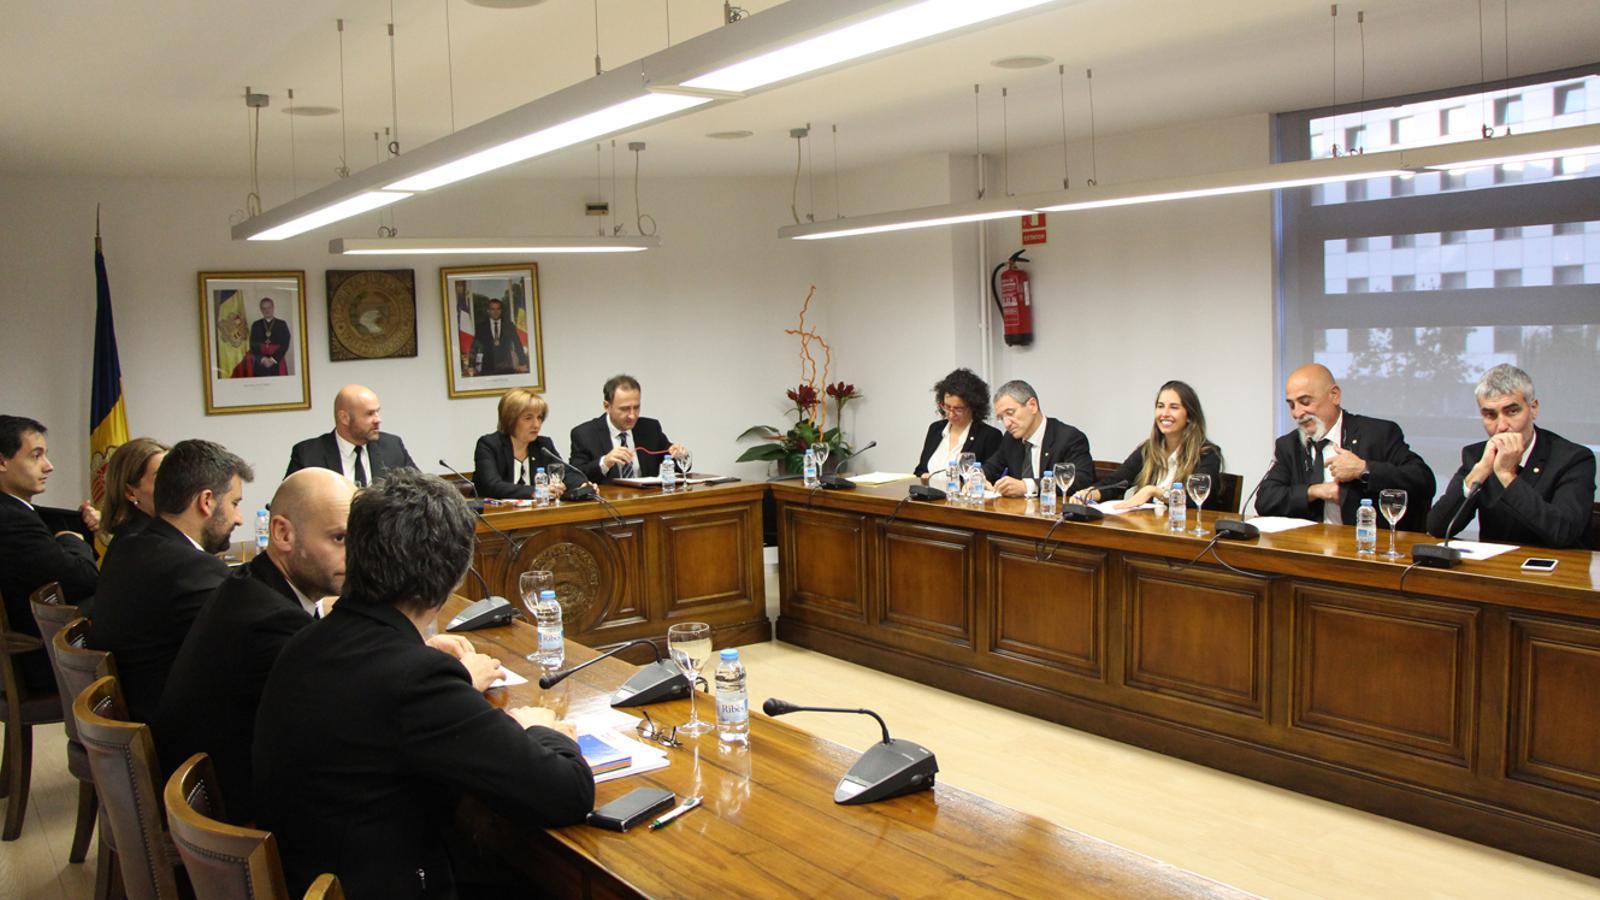 Un moment de la sessió de consell de comú d'Escaldes-Engordany d'aquest dilluns. / M. T. (ANA)